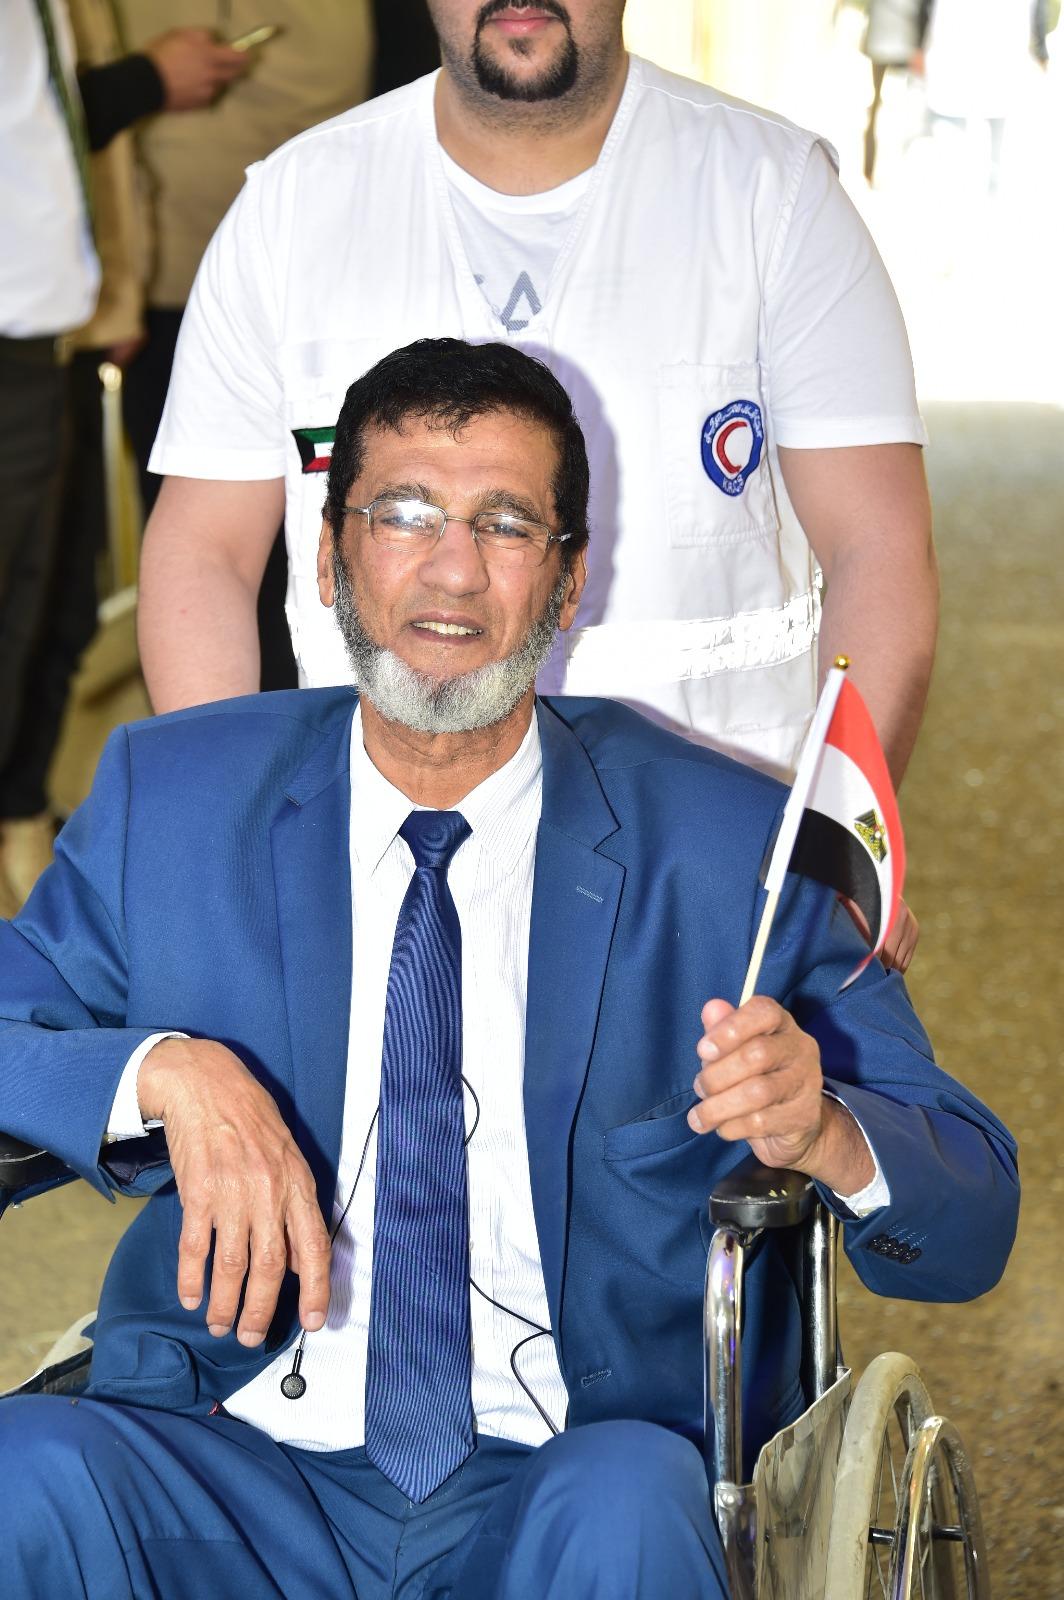 مواطن من ذوى الإعاقة يحرص على المشاركة حاملا علم مصر